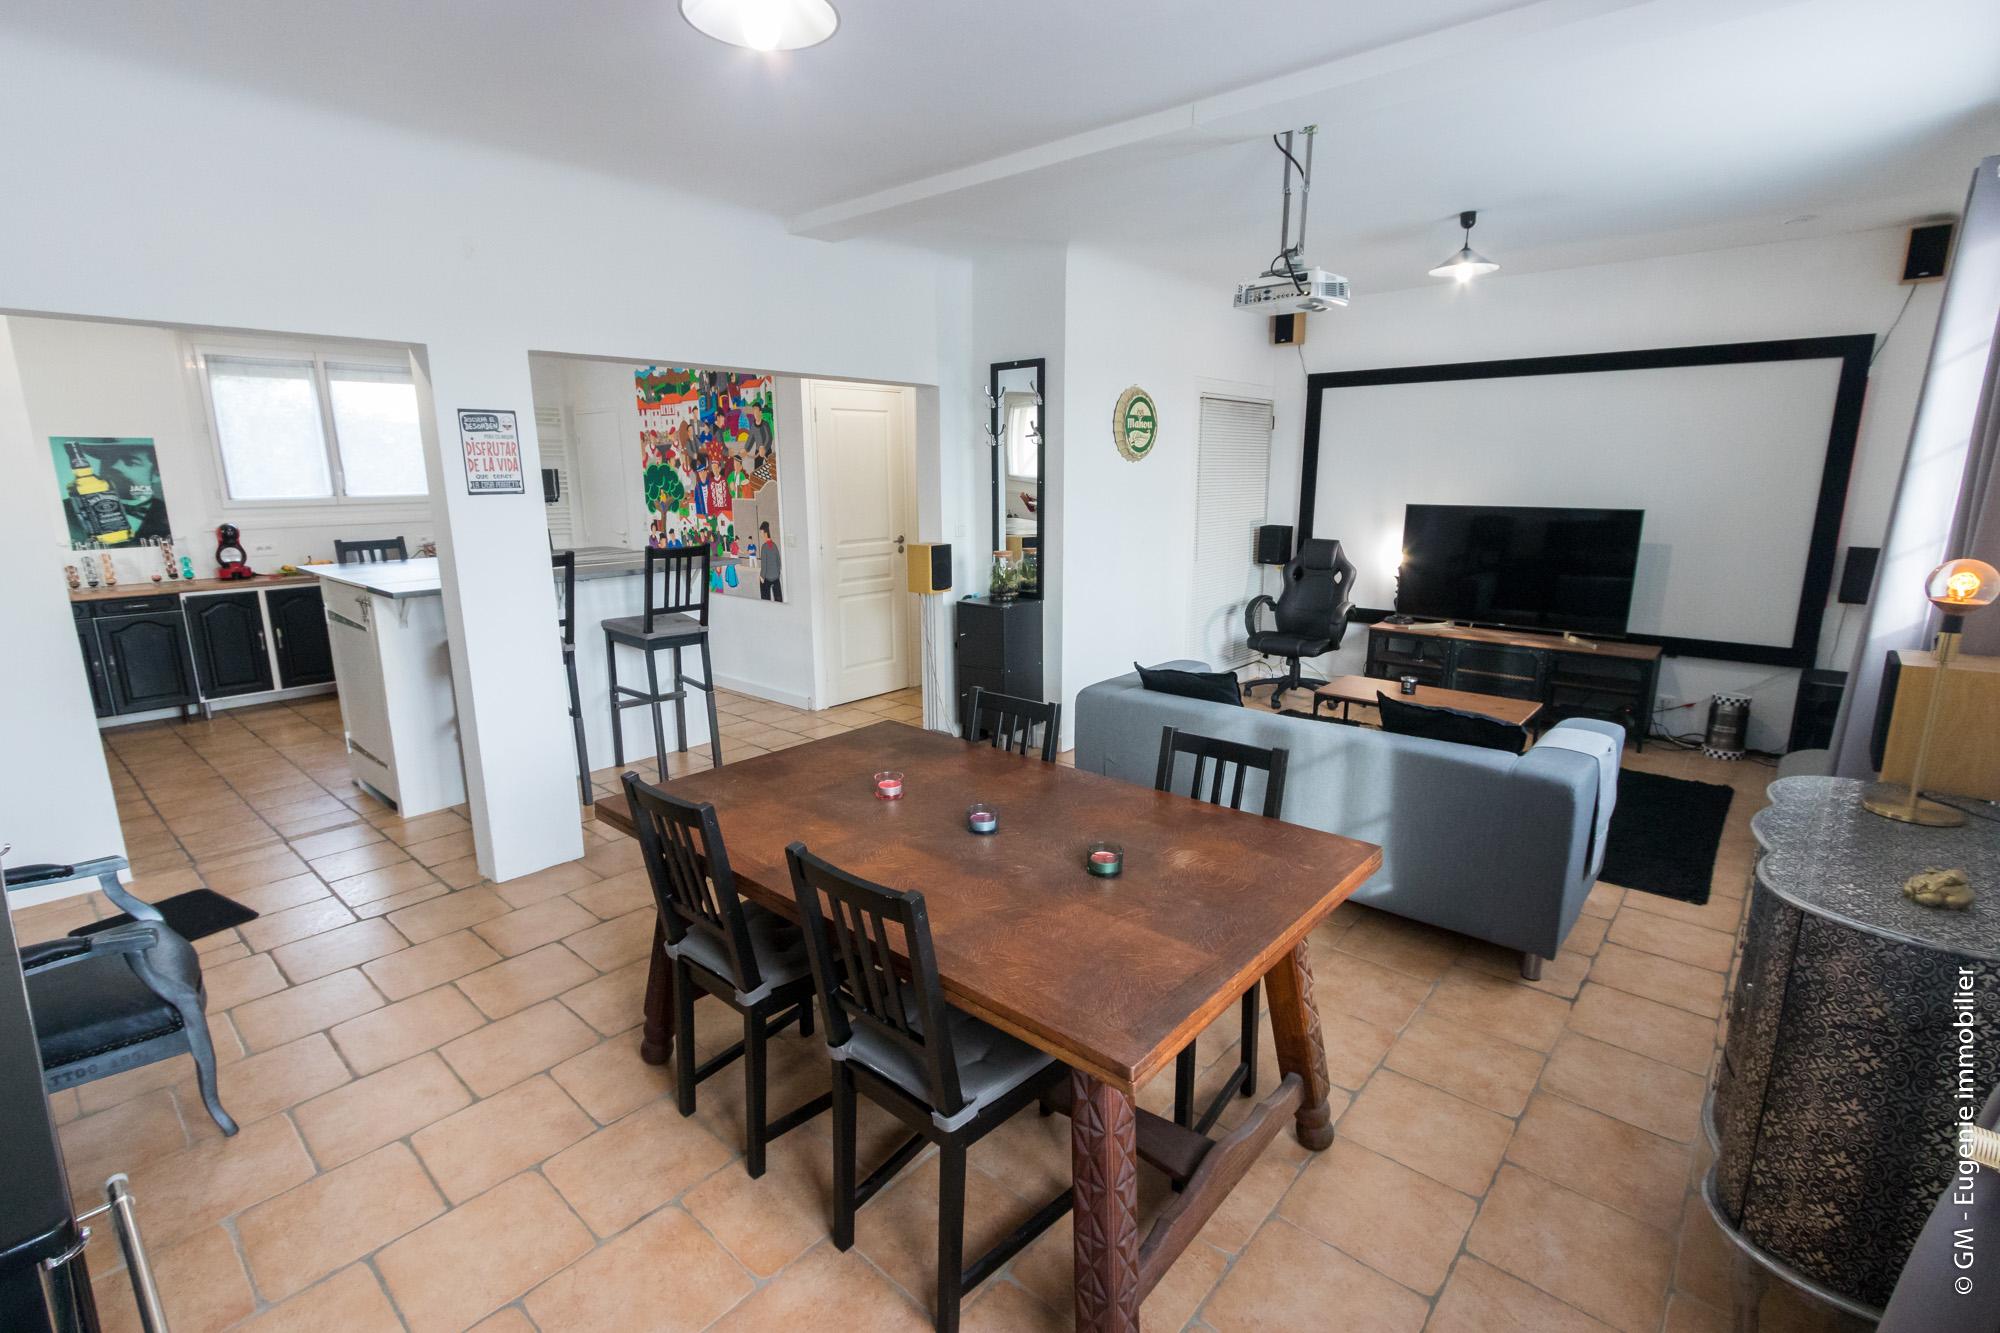 Maison 210m² Divisée en 2 Appartements T3 + 1 Studio Indépendant